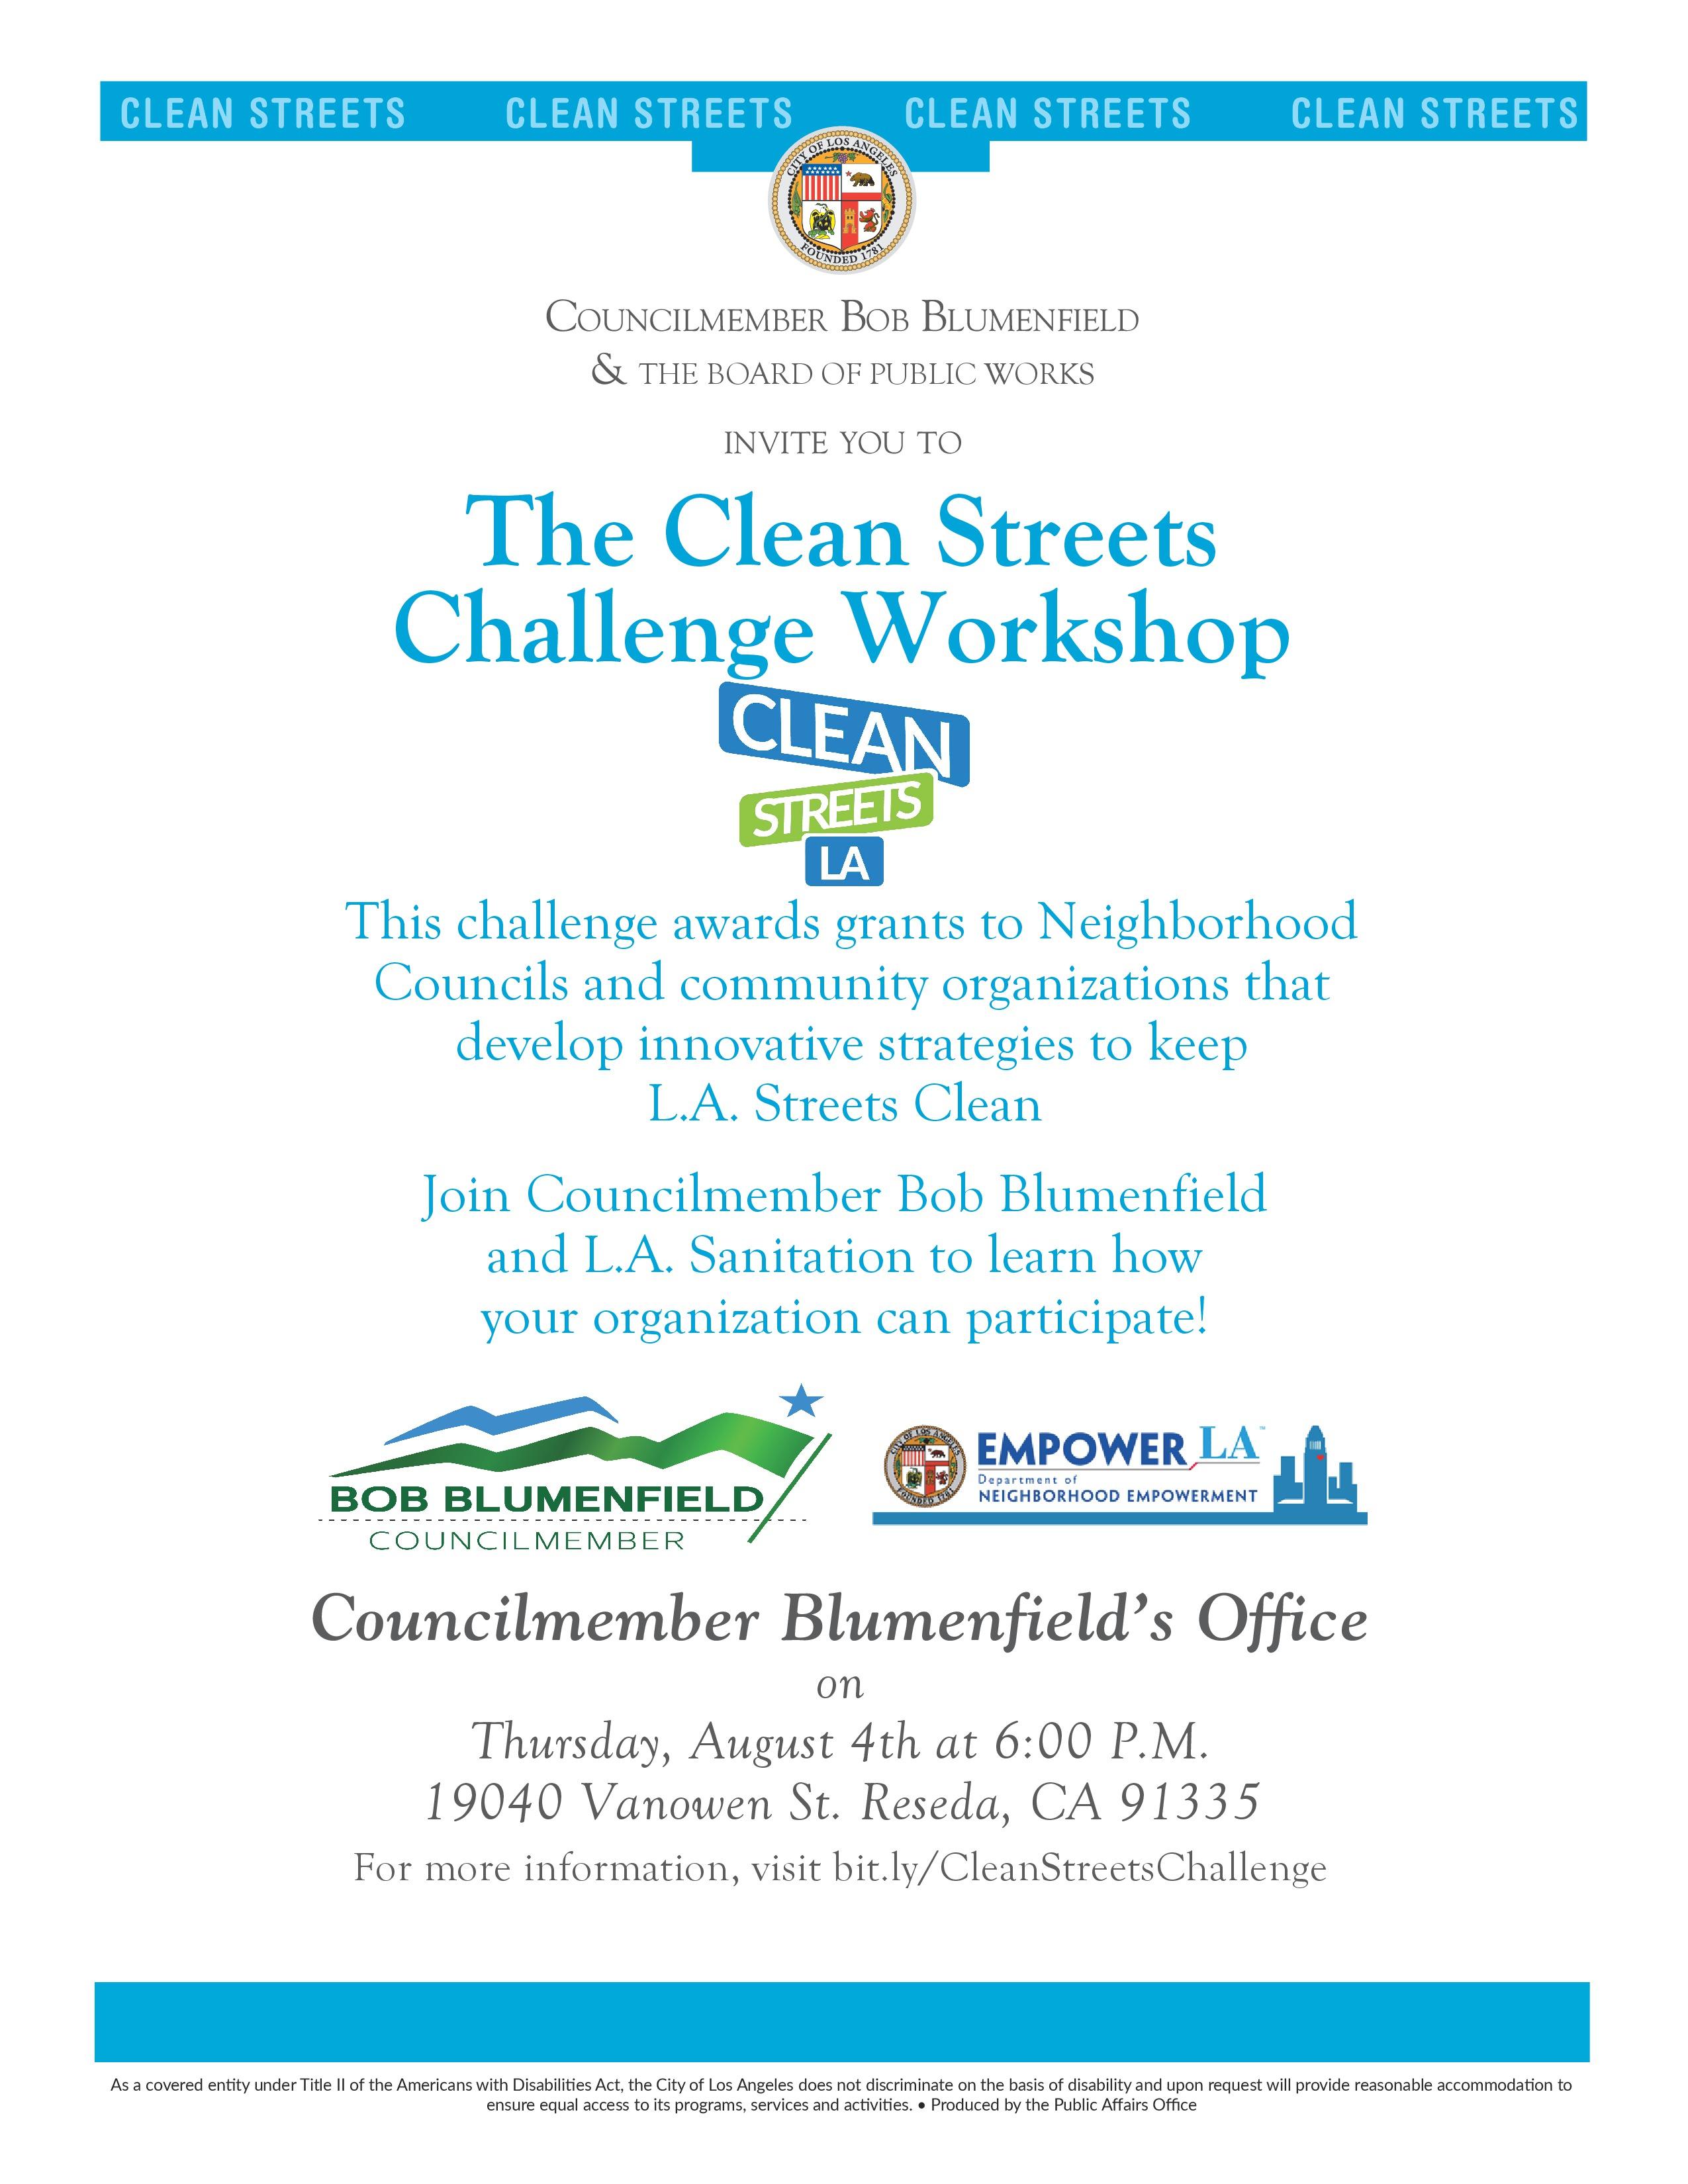 CLEAN_STREETS_WORKSHOP-page-0.jpg